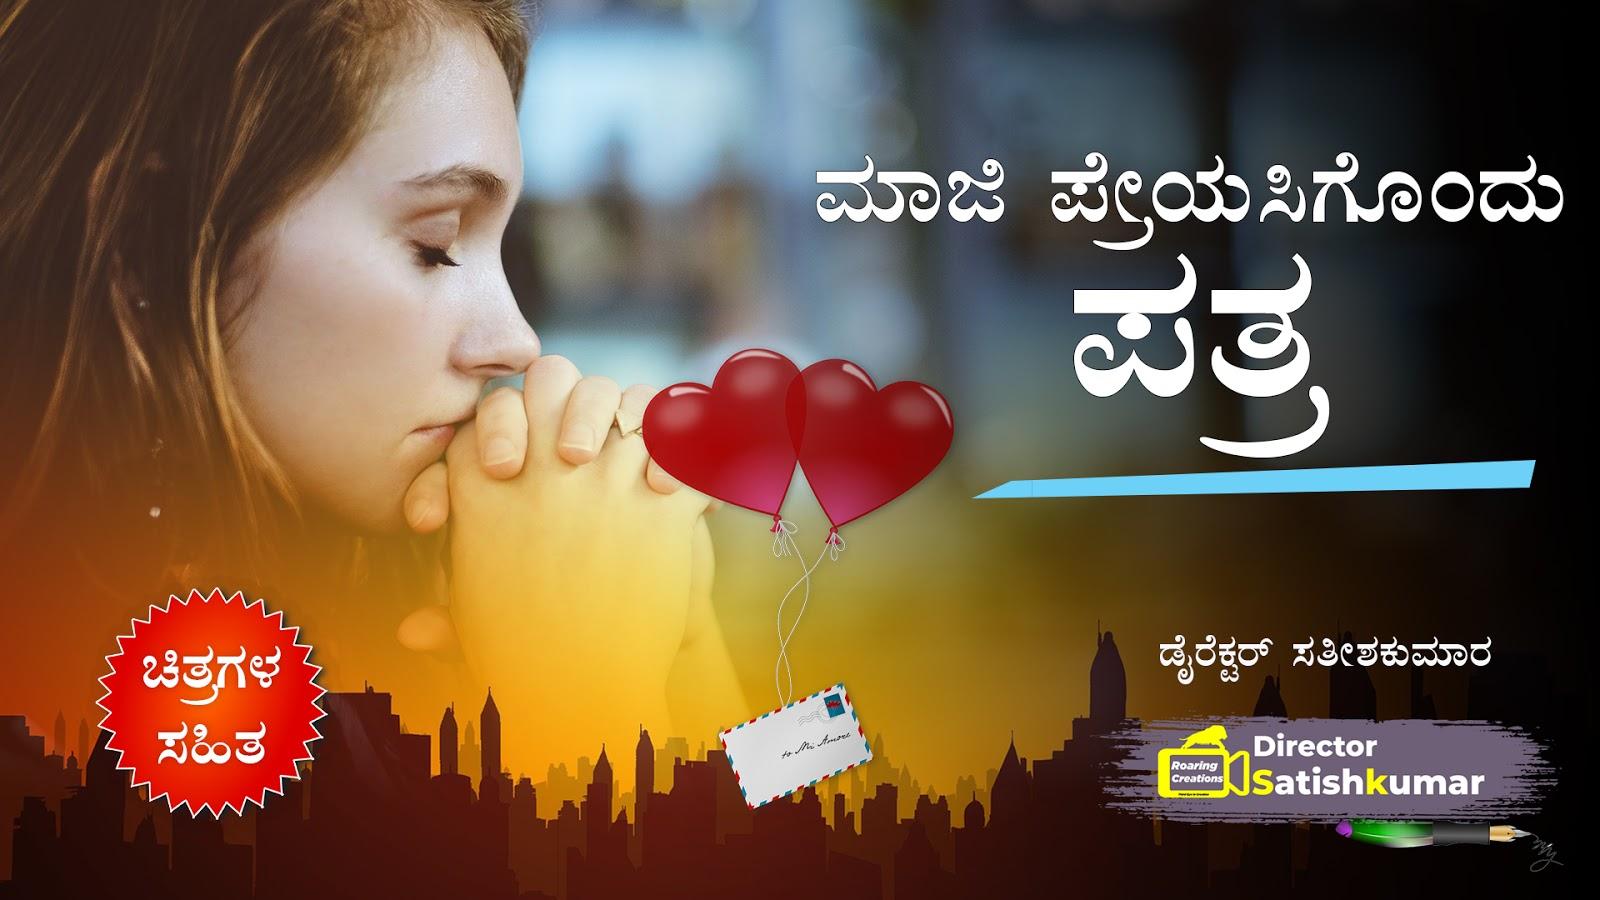 ಮಾಜಿ ಪ್ರೇಯಸಿಗೊಂದು ಪತ್ರ -  A letter to X lover in Kannada